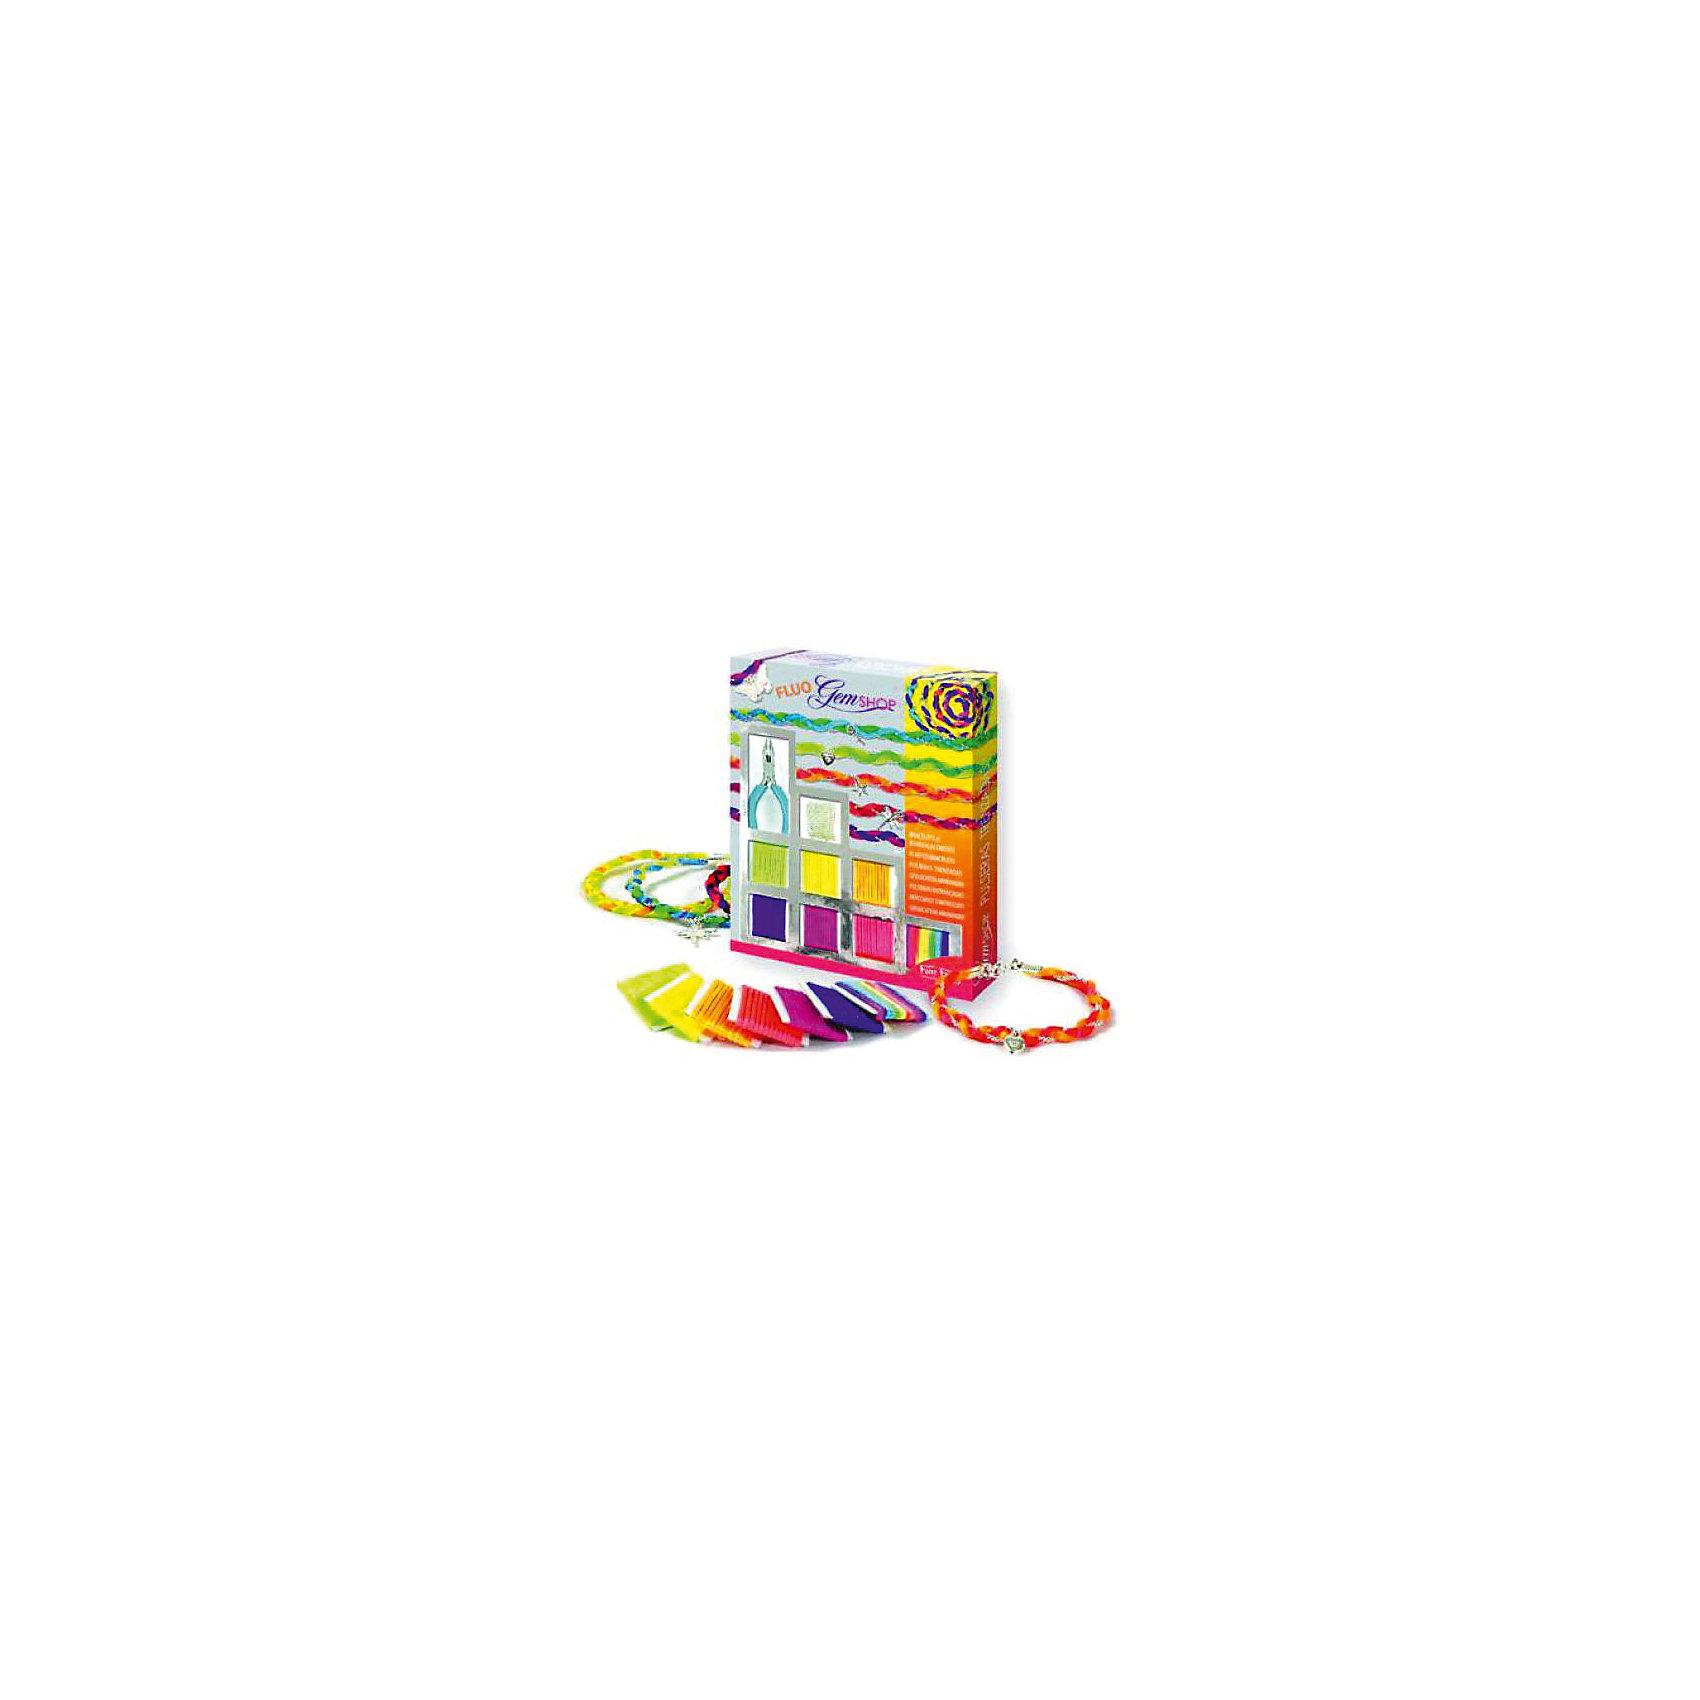 Набор Бразильские браслеты ФлуоНаборы для плетения<br>Набор Бразильские браслеты Флуо – это прекрасный набор для детского творчества.<br>Набор Бразильские браслеты Флуо от французского производителя Sentosphere (Сентосфере) – красочный творческий набор для юных модниц, который позволит дополнить летний образ девочки. В наборе девочка найдет множество различных ярких нитей, подвесок и цепочку, с помощью которых ей предлагается придумать своё собственное украшение. Ребенок может делать украшения согласно инструкции или же проявить творческие способности и придумать собственный вариант. Все детали набора изготовлены из высококачественных и гипоаллергенных материалов. Набор продается в яркой красочной коробке и идеально подходит для подарка.<br><br>Дополнительная информация:<br><br>- В наборе: 6 флуорисцентных разноцветных нитей, 1 разноцветный шнурок, 1 серебристая цепочка длиной 1 метр, 5 серебристых подвесок, застежки, детские плоскогубцы, подробная инструкция<br>- Размер упаковки: 19,5 x 2,5 x 24 см.<br>- Вес: 240 гр.<br><br>Набор Бразильские браслеты Флуо можно купить в нашем интернет-магазине.<br><br>Ширина мм: 195<br>Глубина мм: 25<br>Высота мм: 240<br>Вес г: 240<br>Возраст от месяцев: 96<br>Возраст до месяцев: 156<br>Пол: Женский<br>Возраст: Детский<br>SKU: 4305778